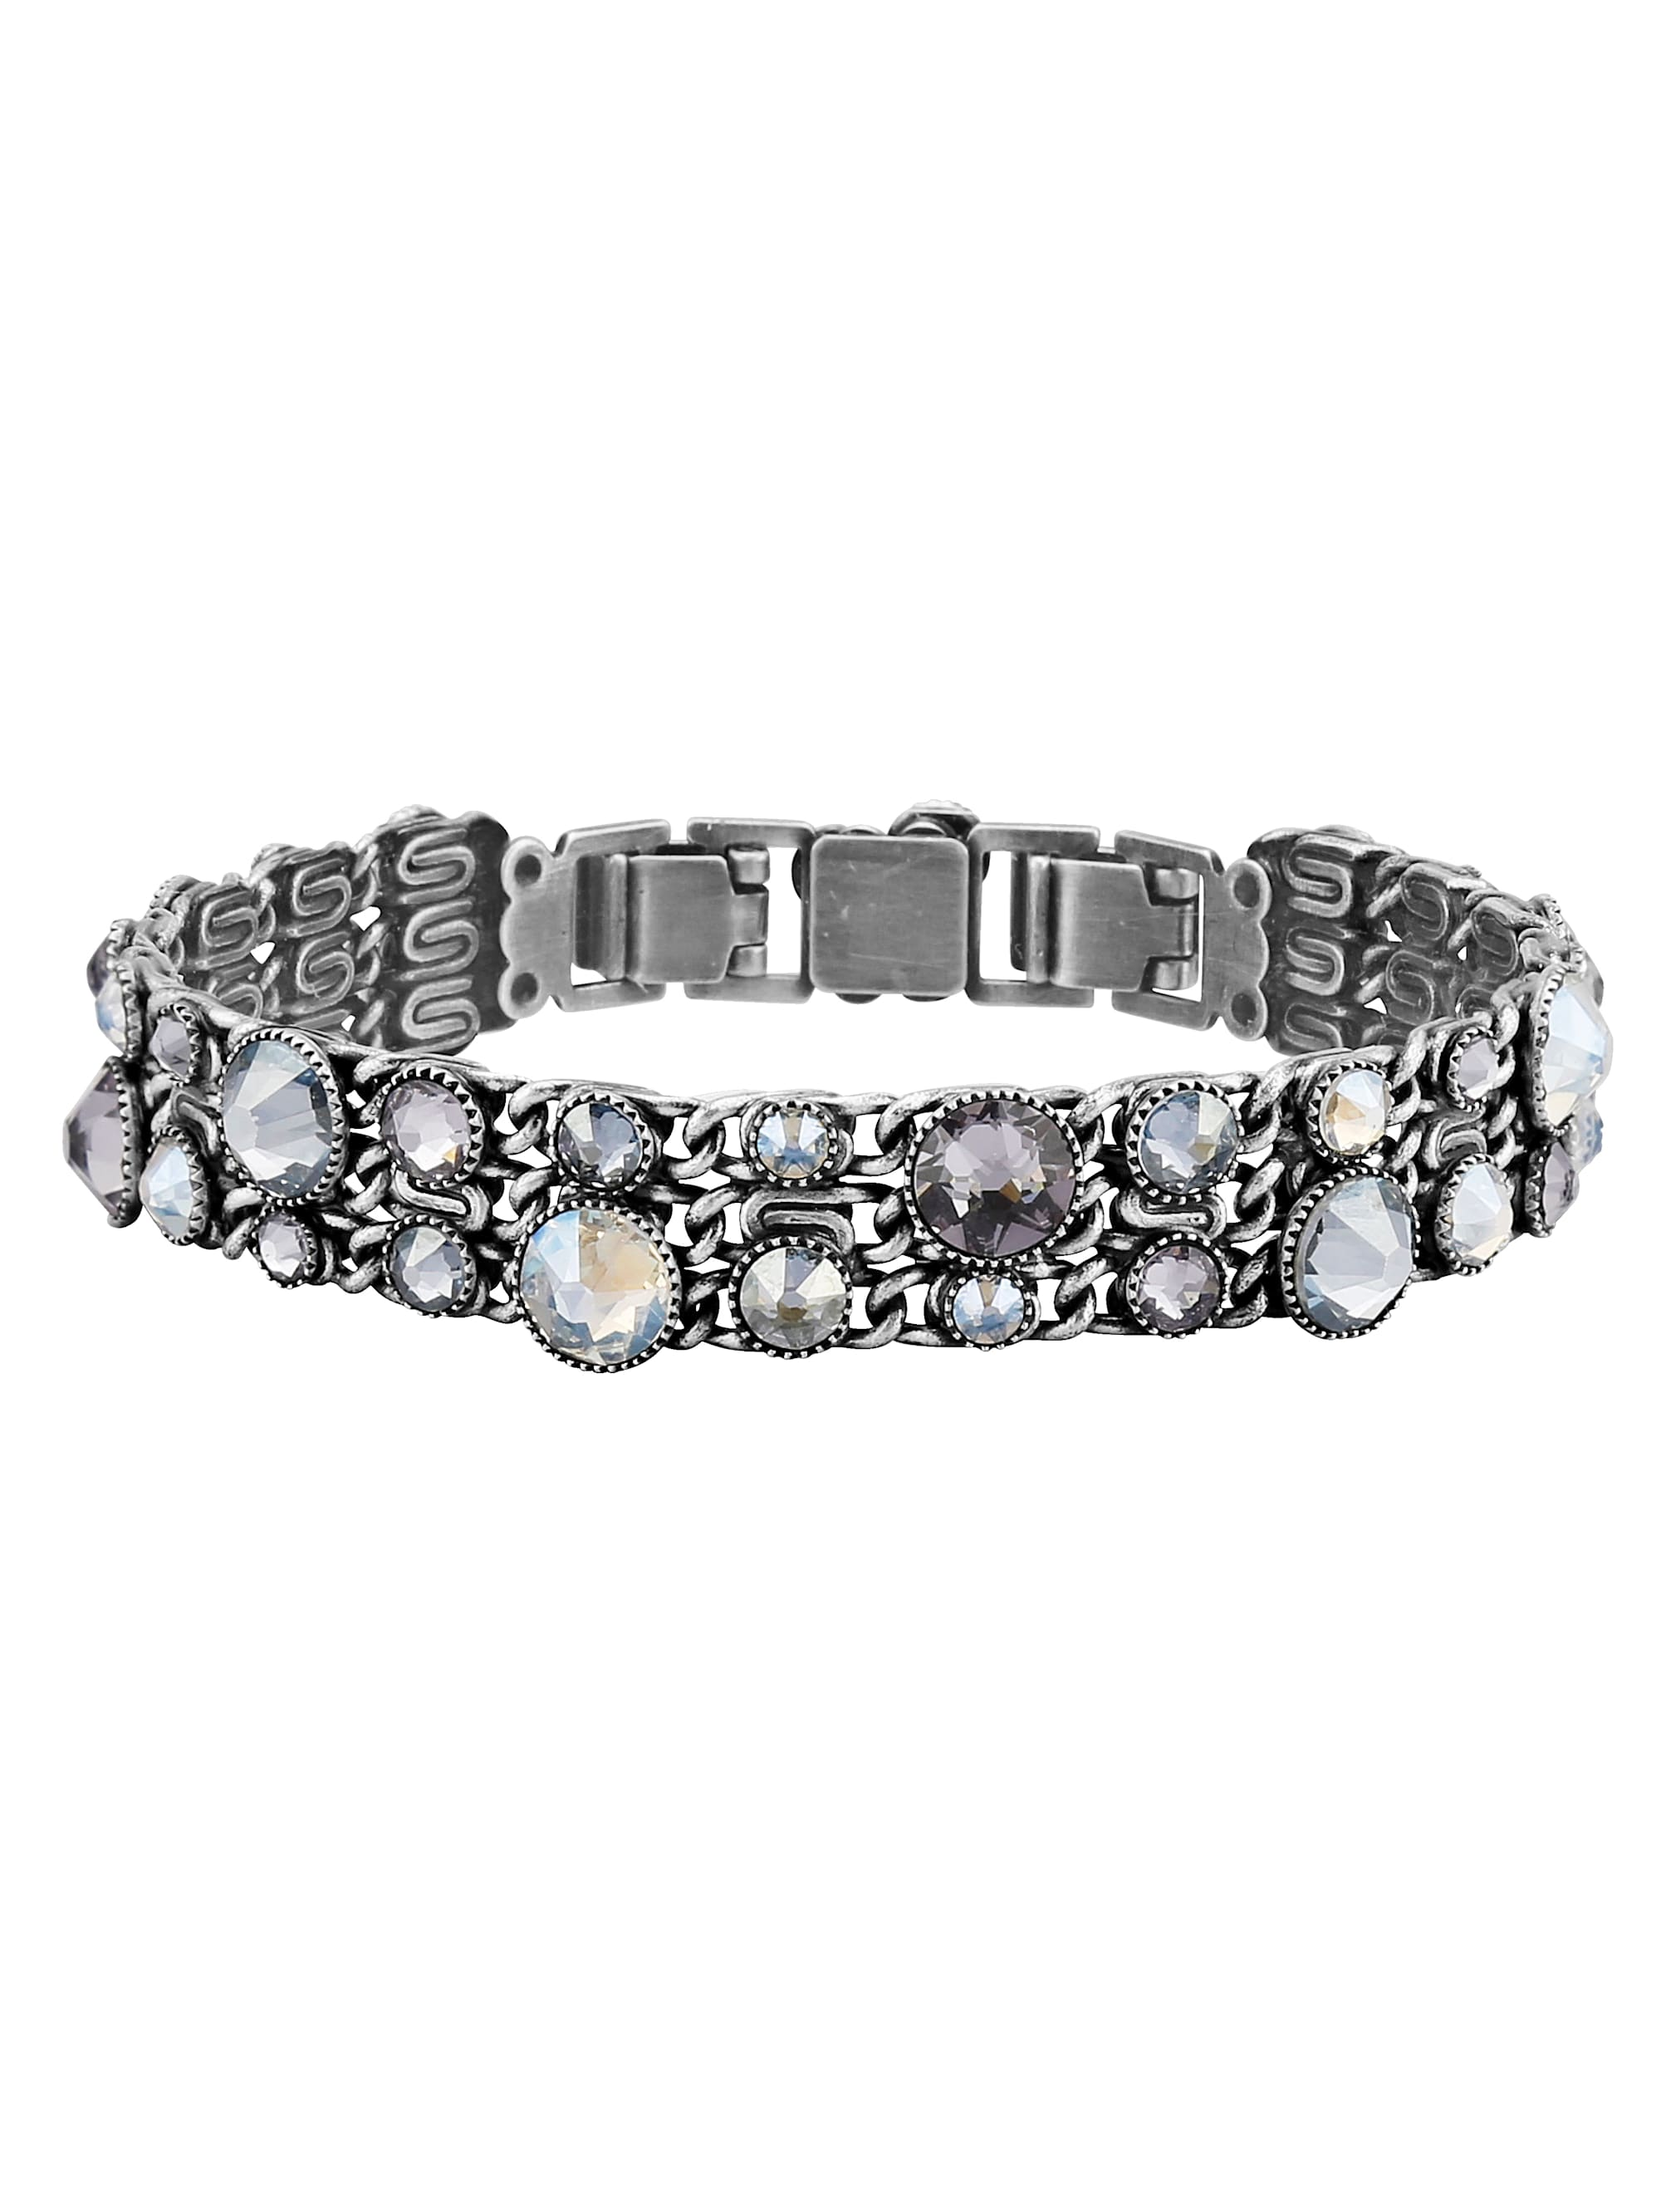 Konplott Armband mit Swarovski Kristallen 5450543465289 32RI2